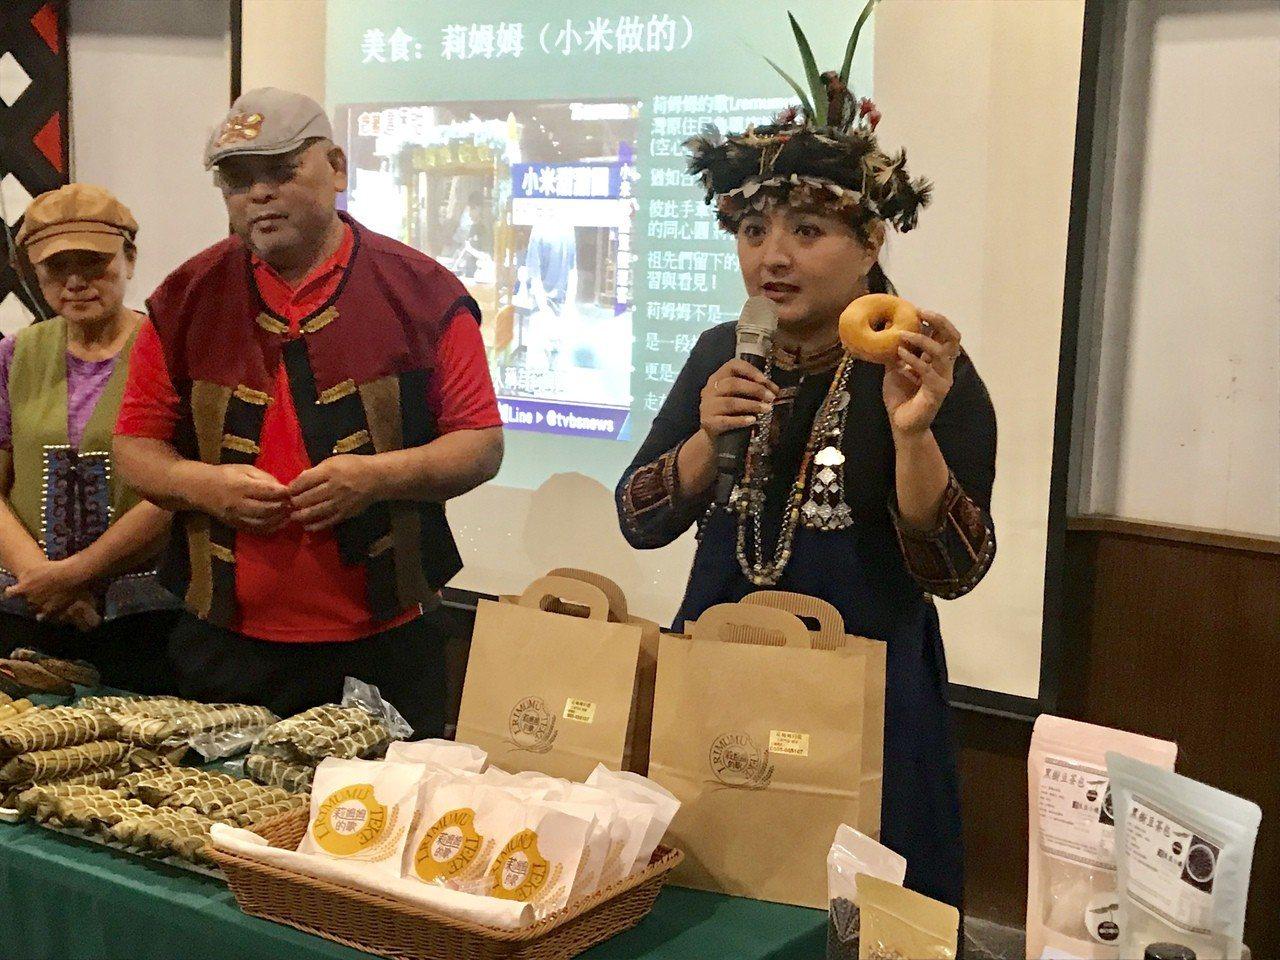 「三地門的siyu-bai(商店)市集」匯集咖啡、老樹茶、芒果青、鳳梨、吉拿富、...